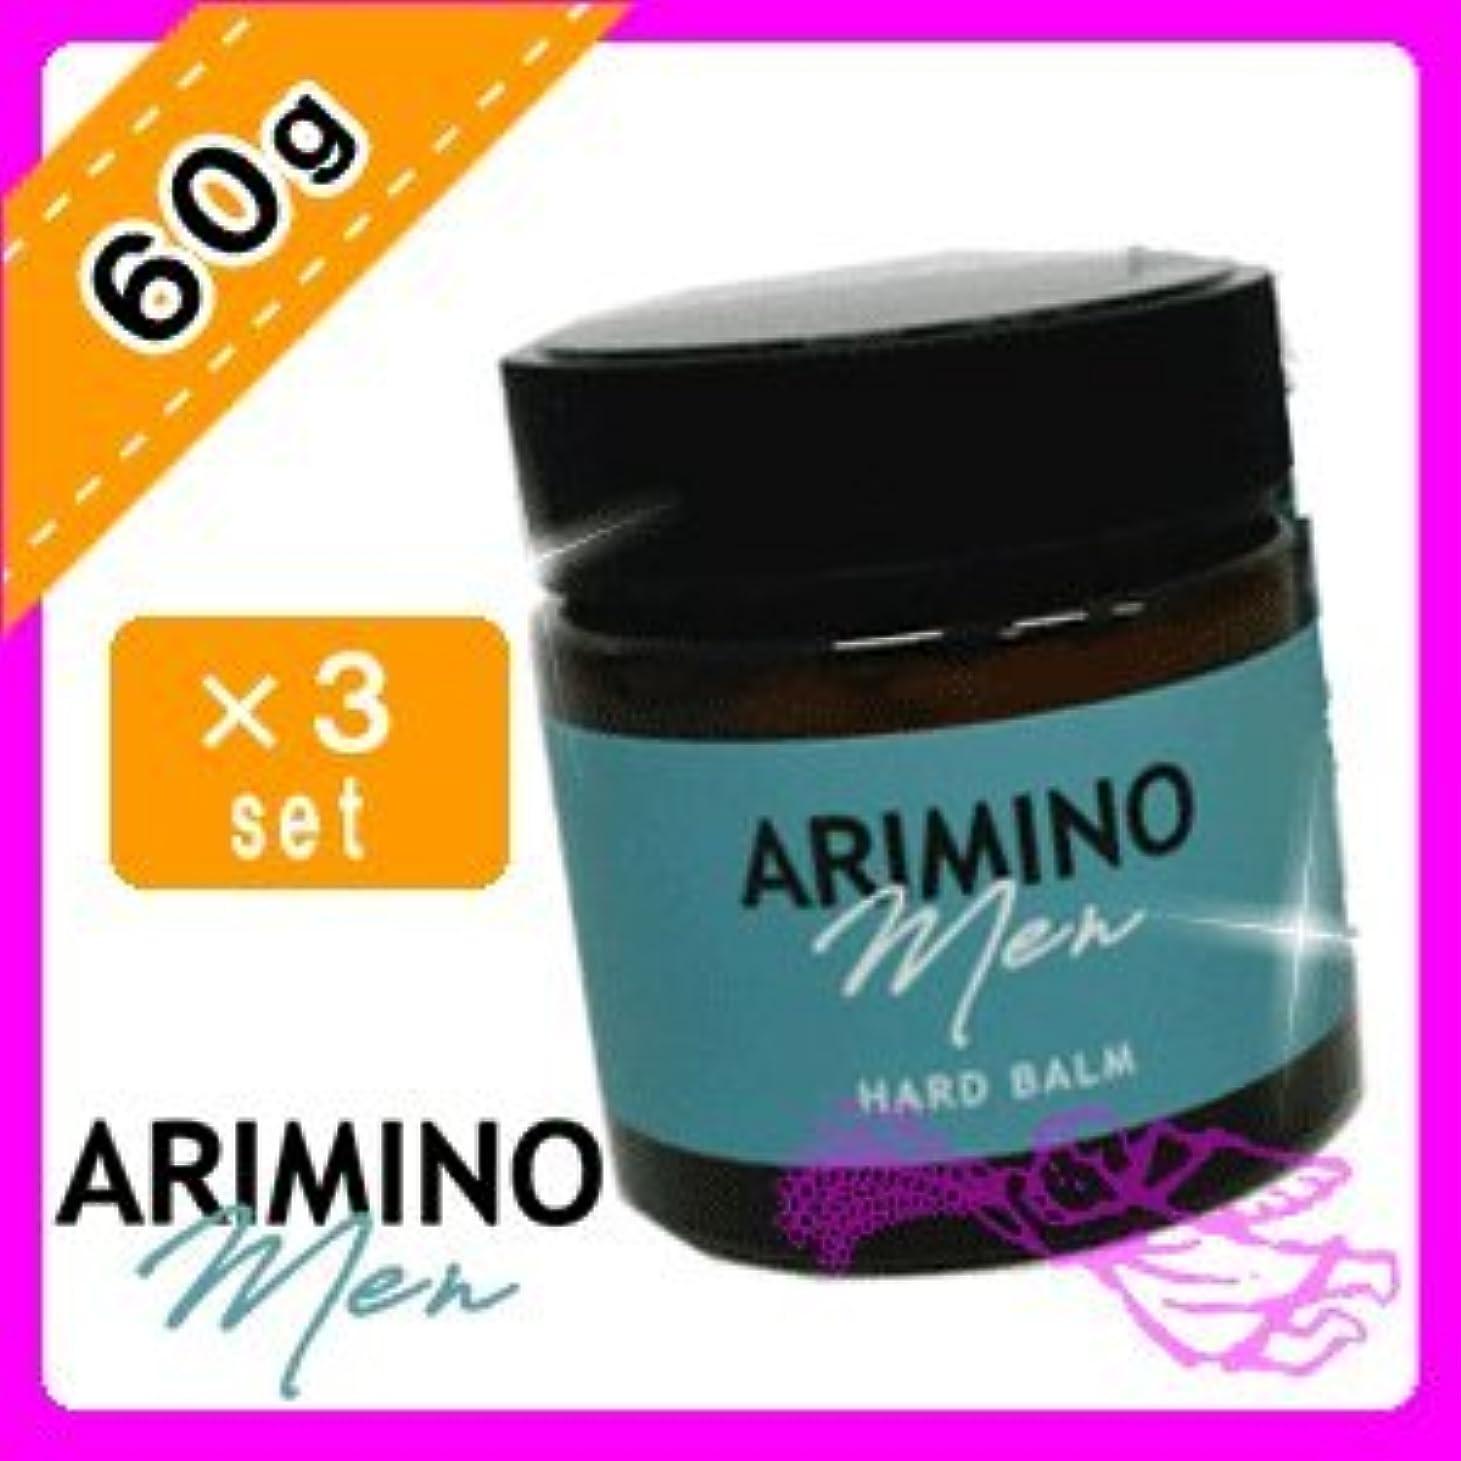 まとめる黒くするプロポーショナルアリミノ メン ハード バーム 60g ×3個 セット arimino men